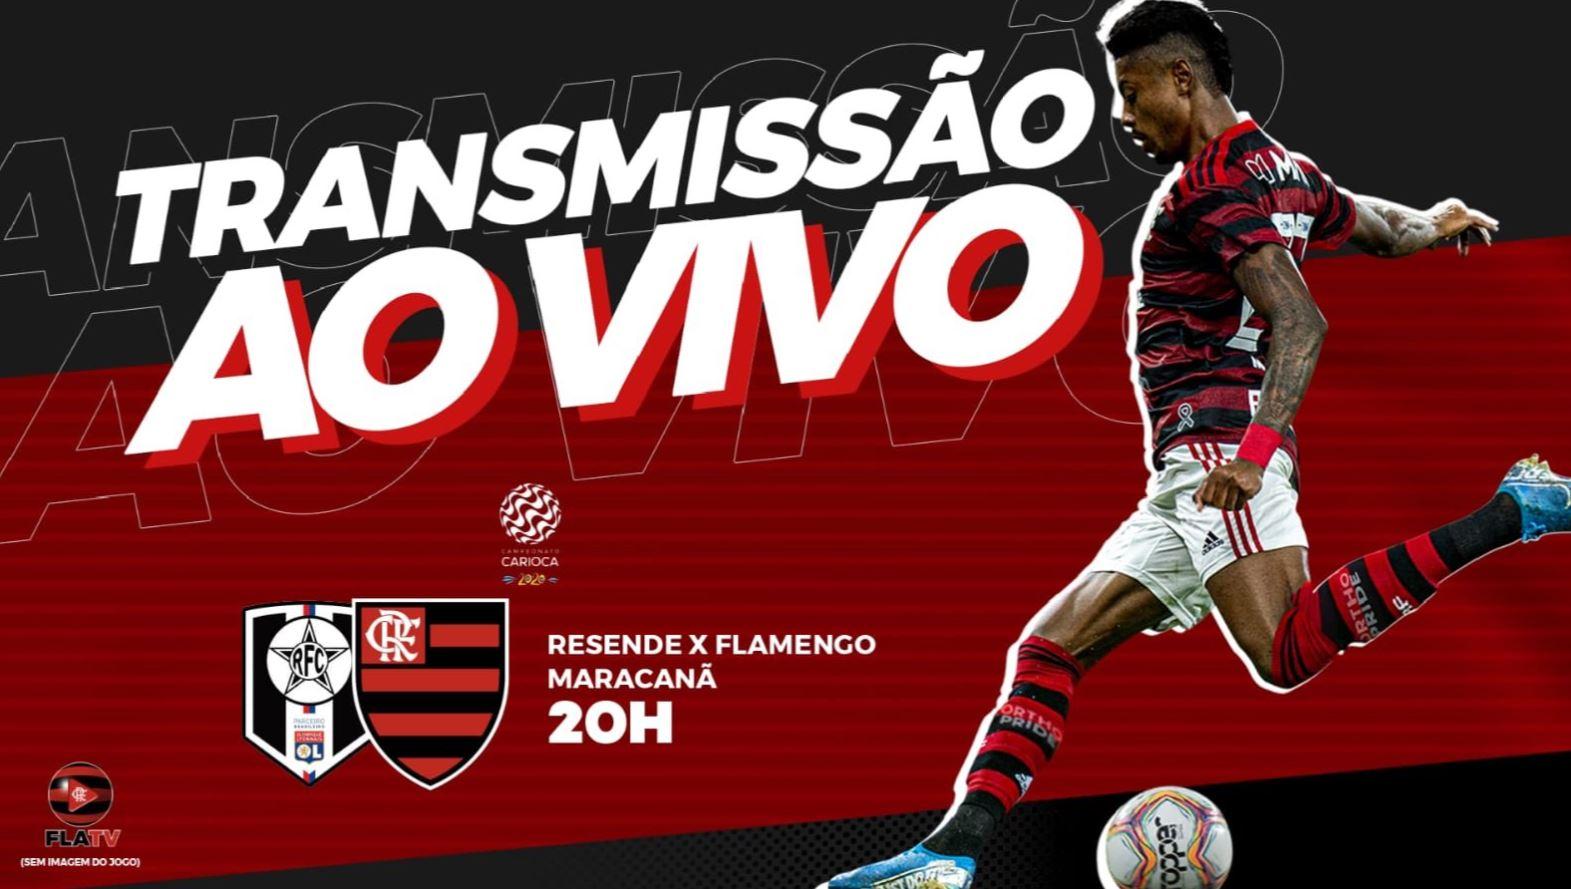 Resende X Flamengo Acompanhe A Transmissao Da Fla Tv Ao Vivo